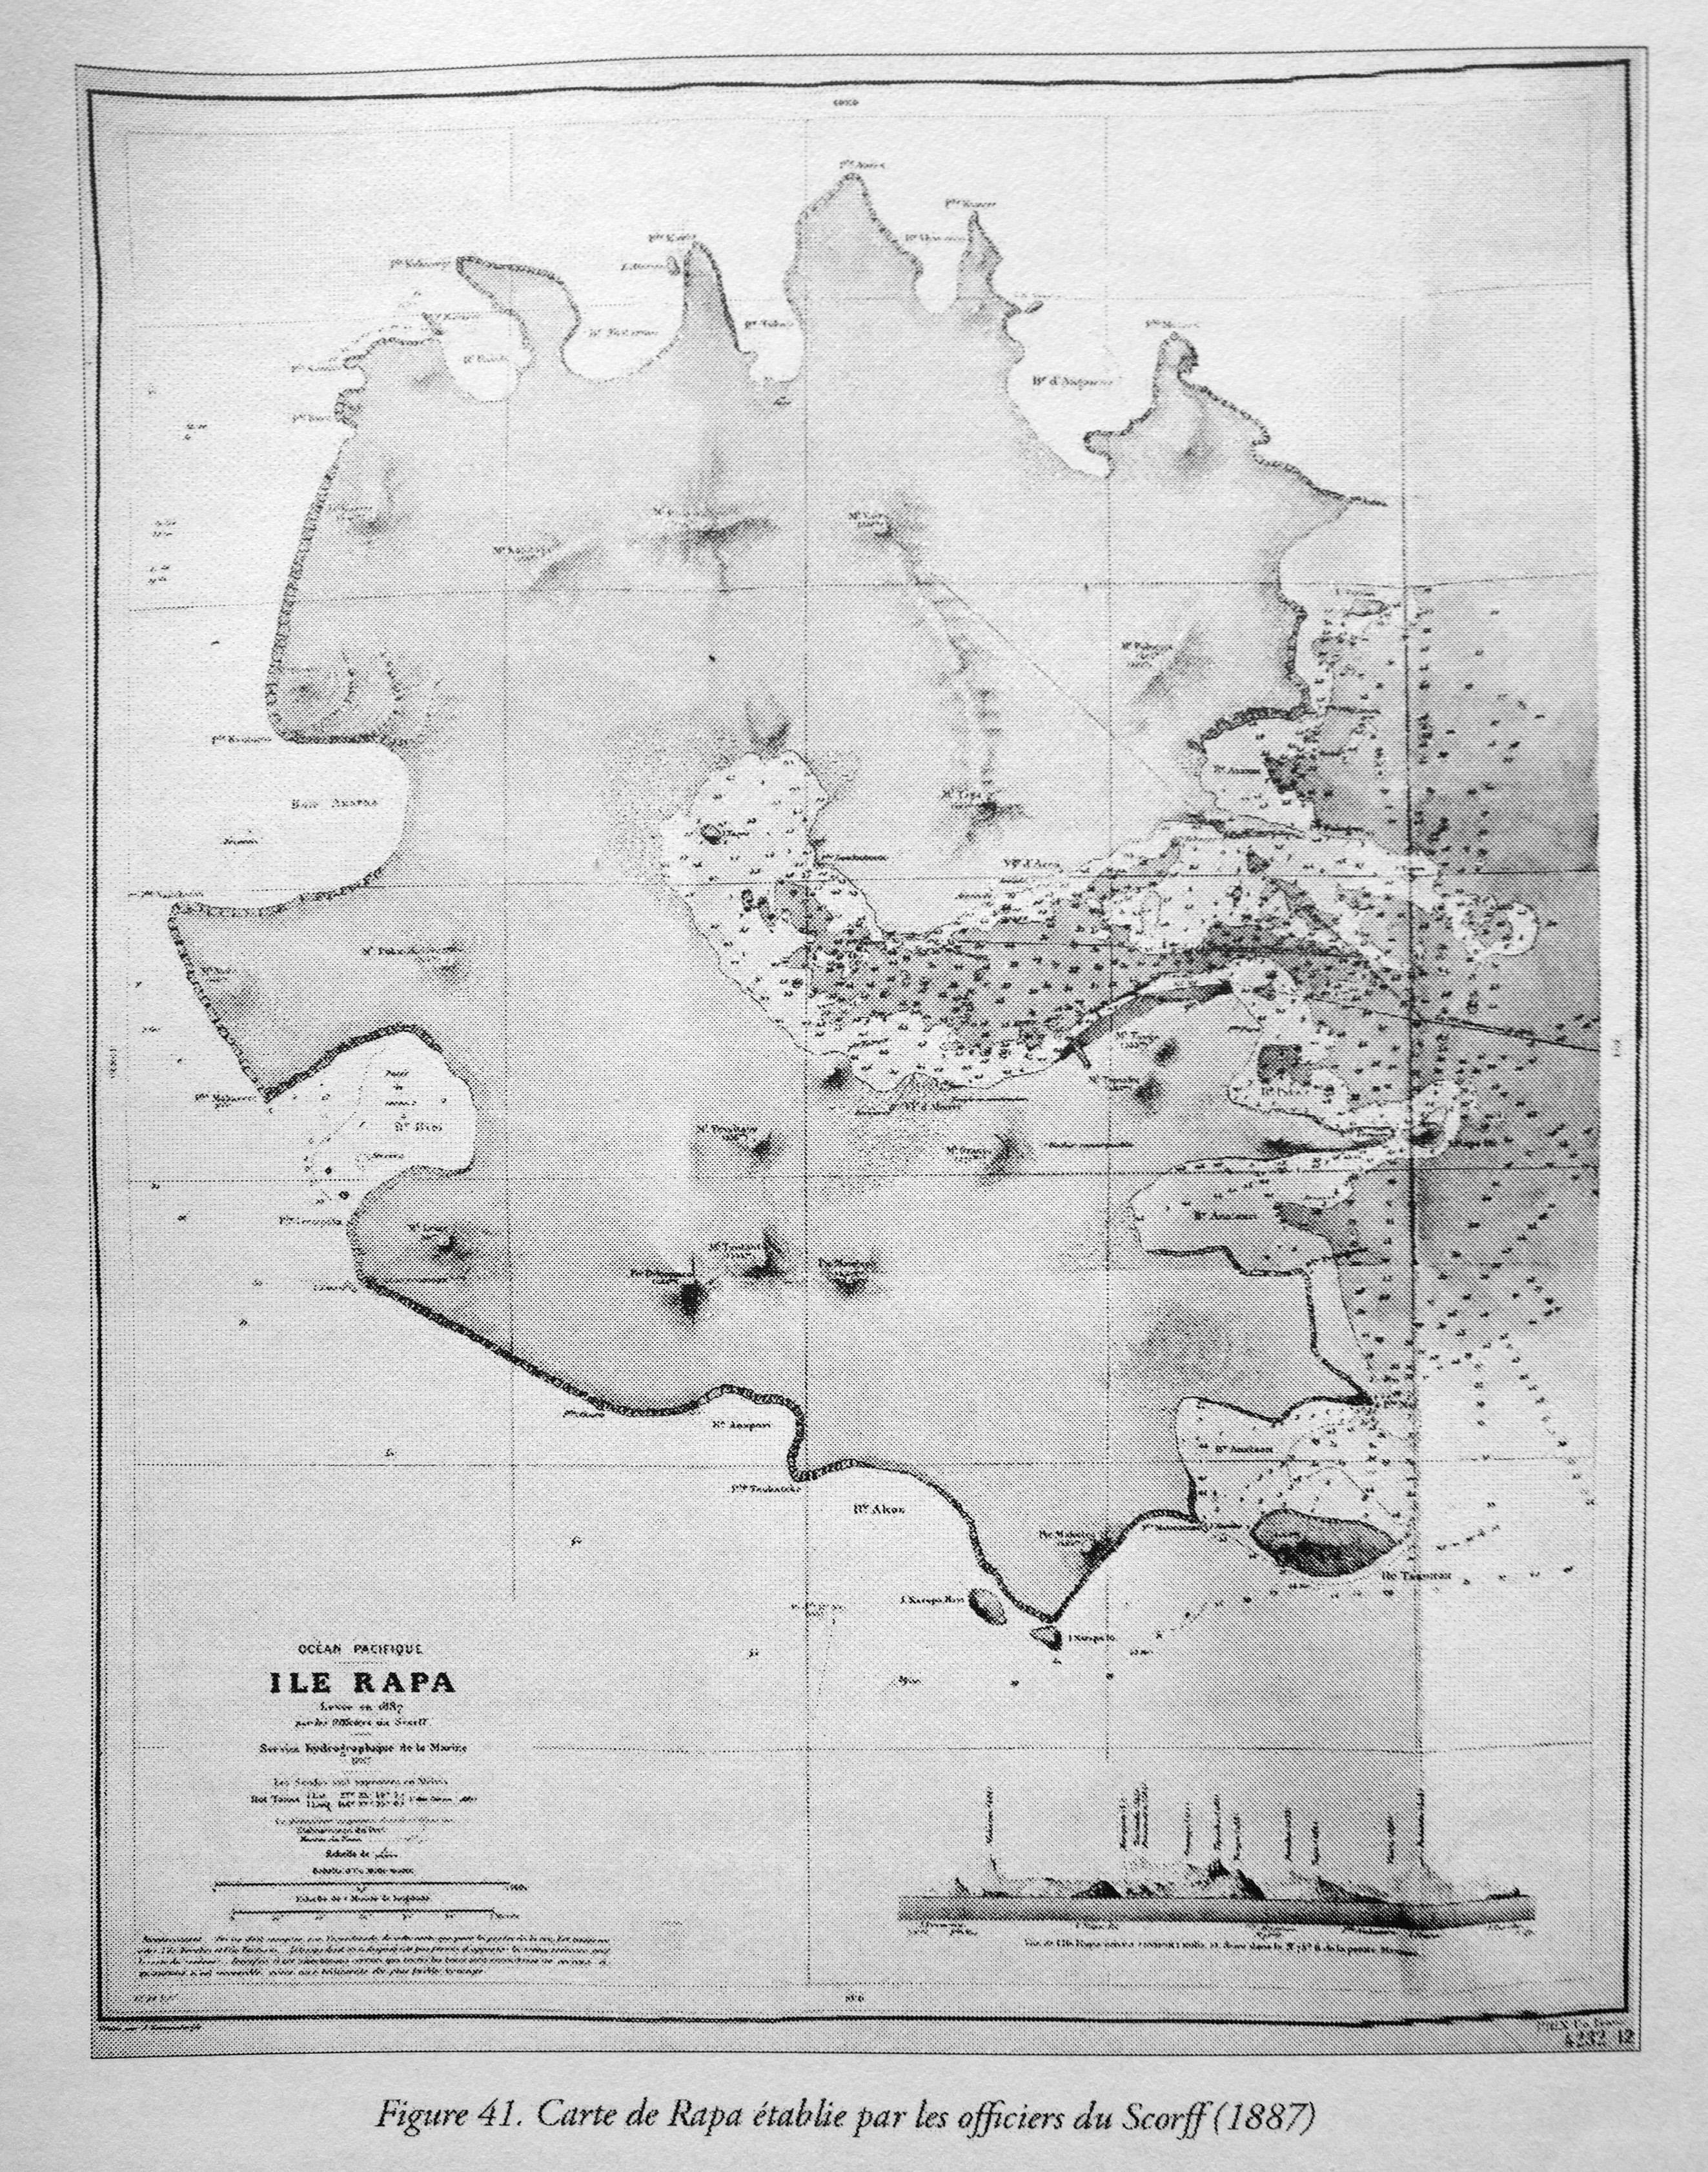 Carte de Rapa établie par les officiers du Score (1887) © Api Tahiti éditions - Ginkgo éditeur